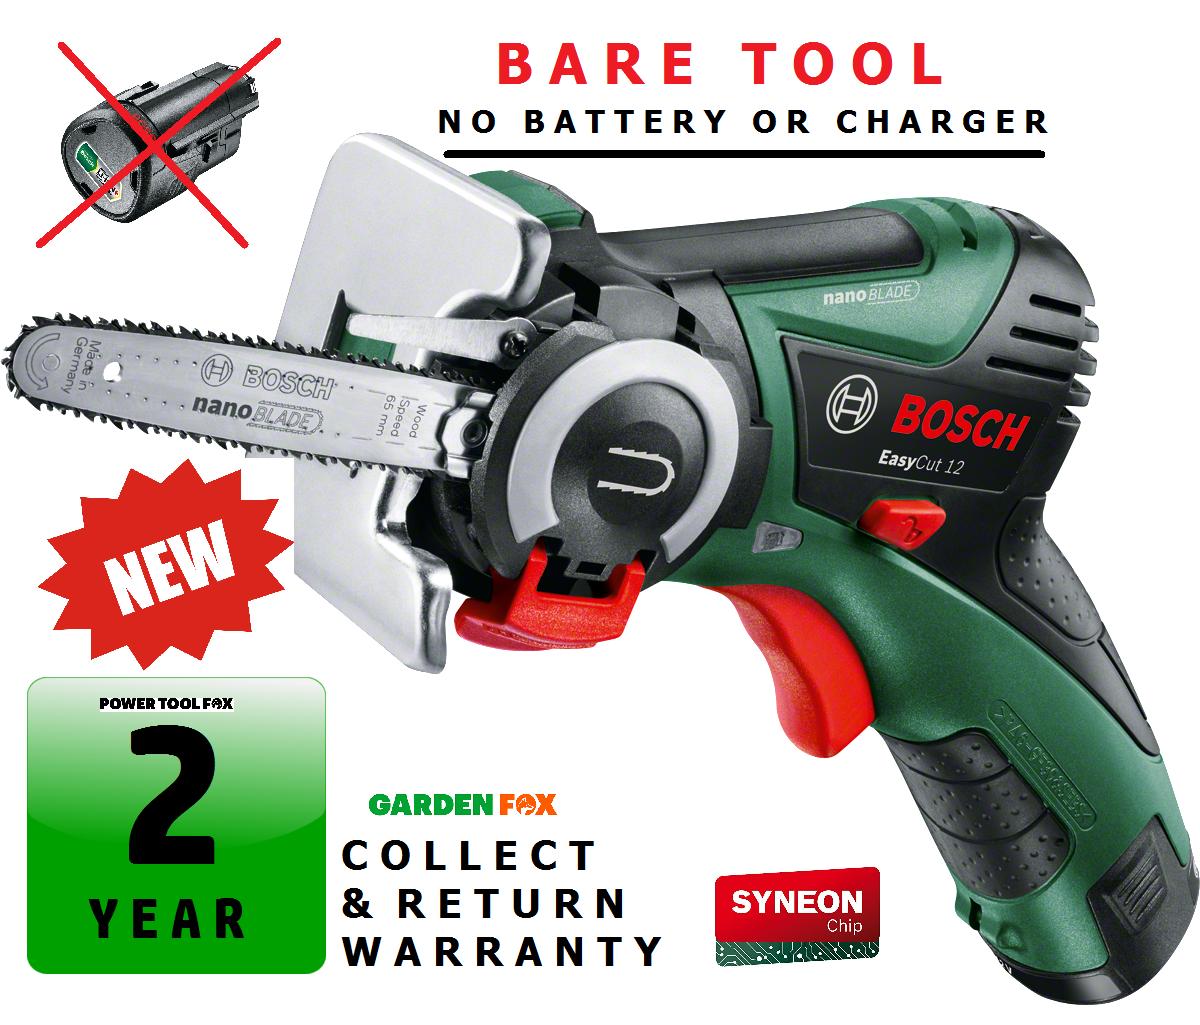 bosch easycut 12 cordless saw 06033c9001 3165140830812 | ebay